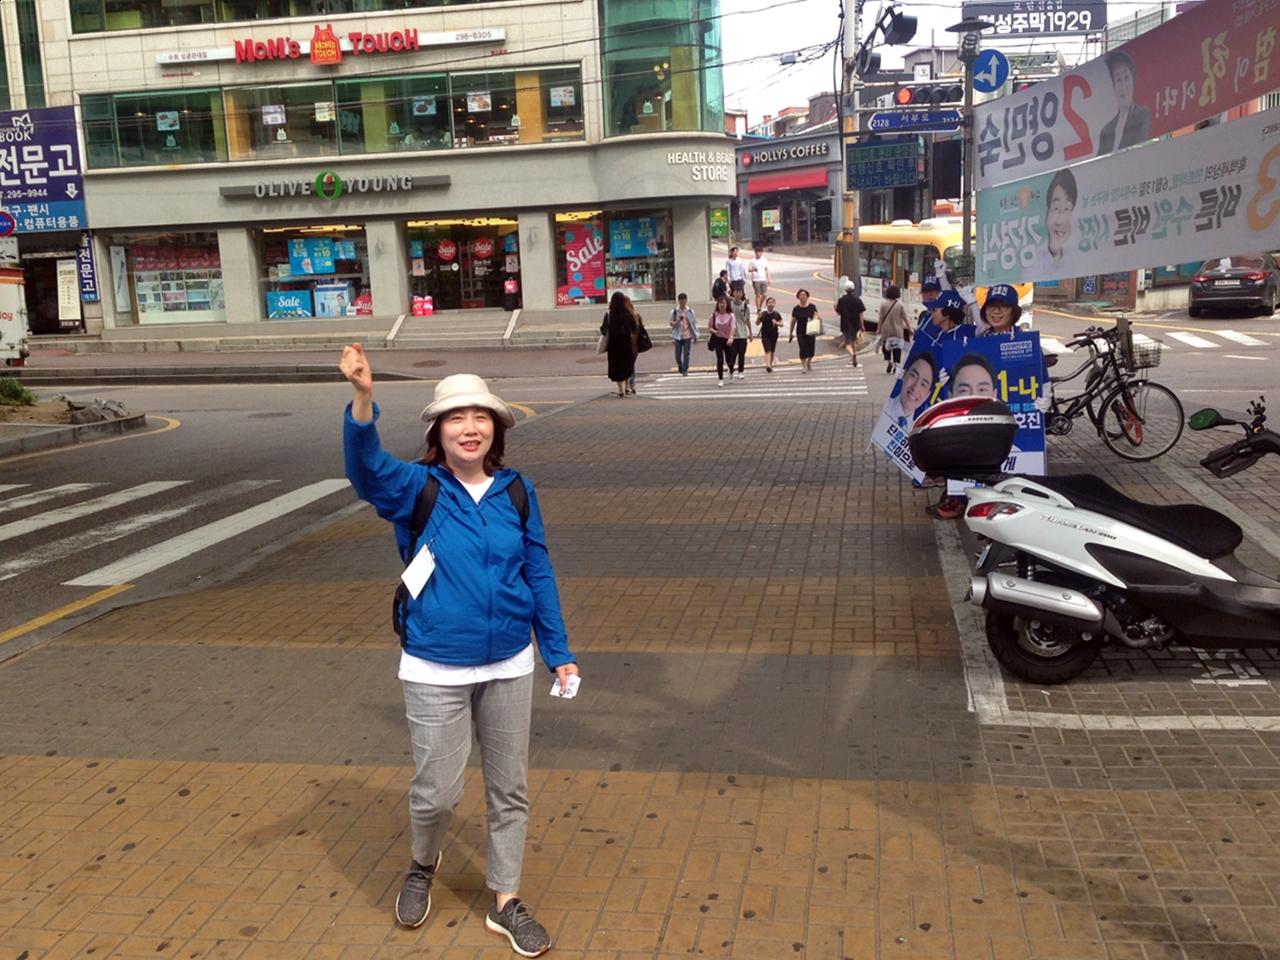 대호야 반갑다, 힘내 우리 아들!  김호진 후보의 어머니가 경기도의원에 출마한 아들이 탄 선거 유세 차량을 향해 손을 흔들고 있다.